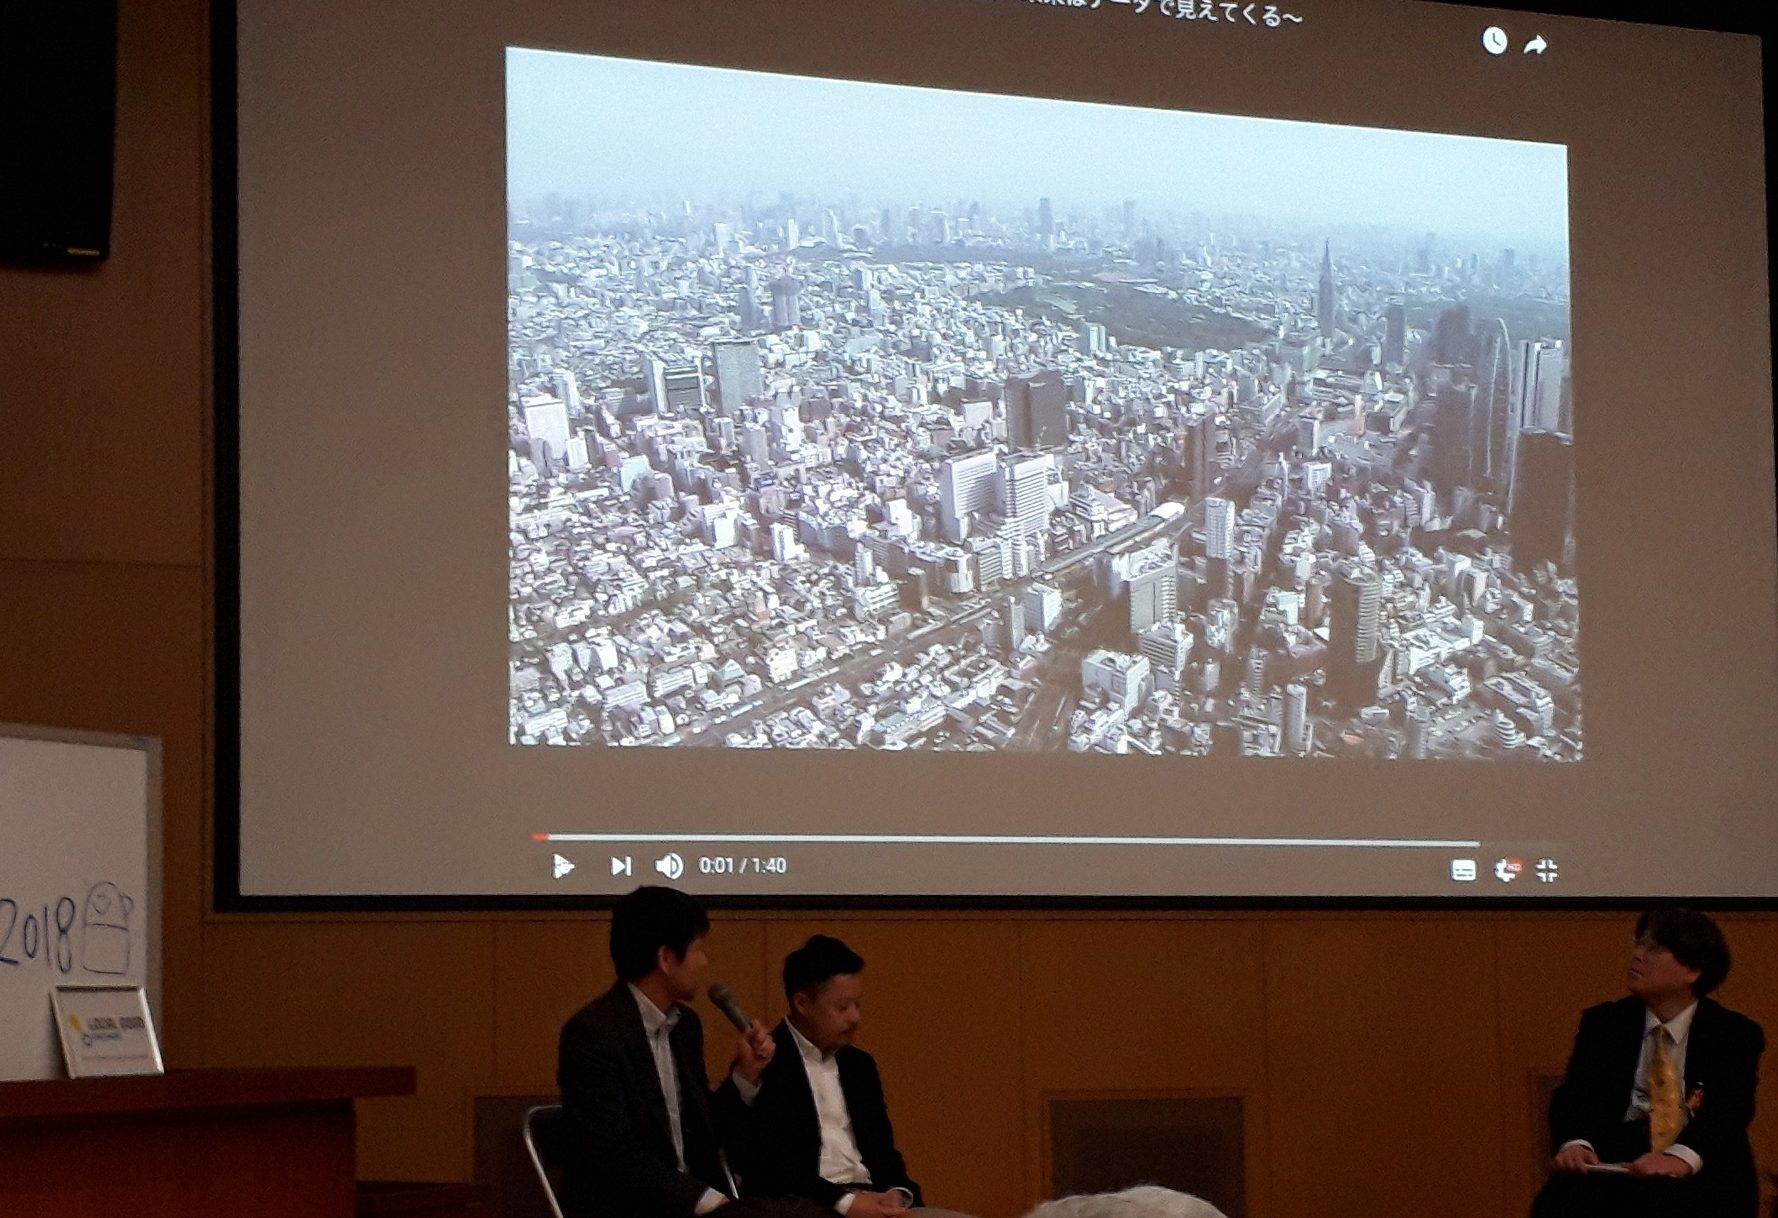 【講演】「横浜リビングラボ 創生会議2018」(NPO法人横浜コミュニティデザイン・ラボ、2018年3月16日)